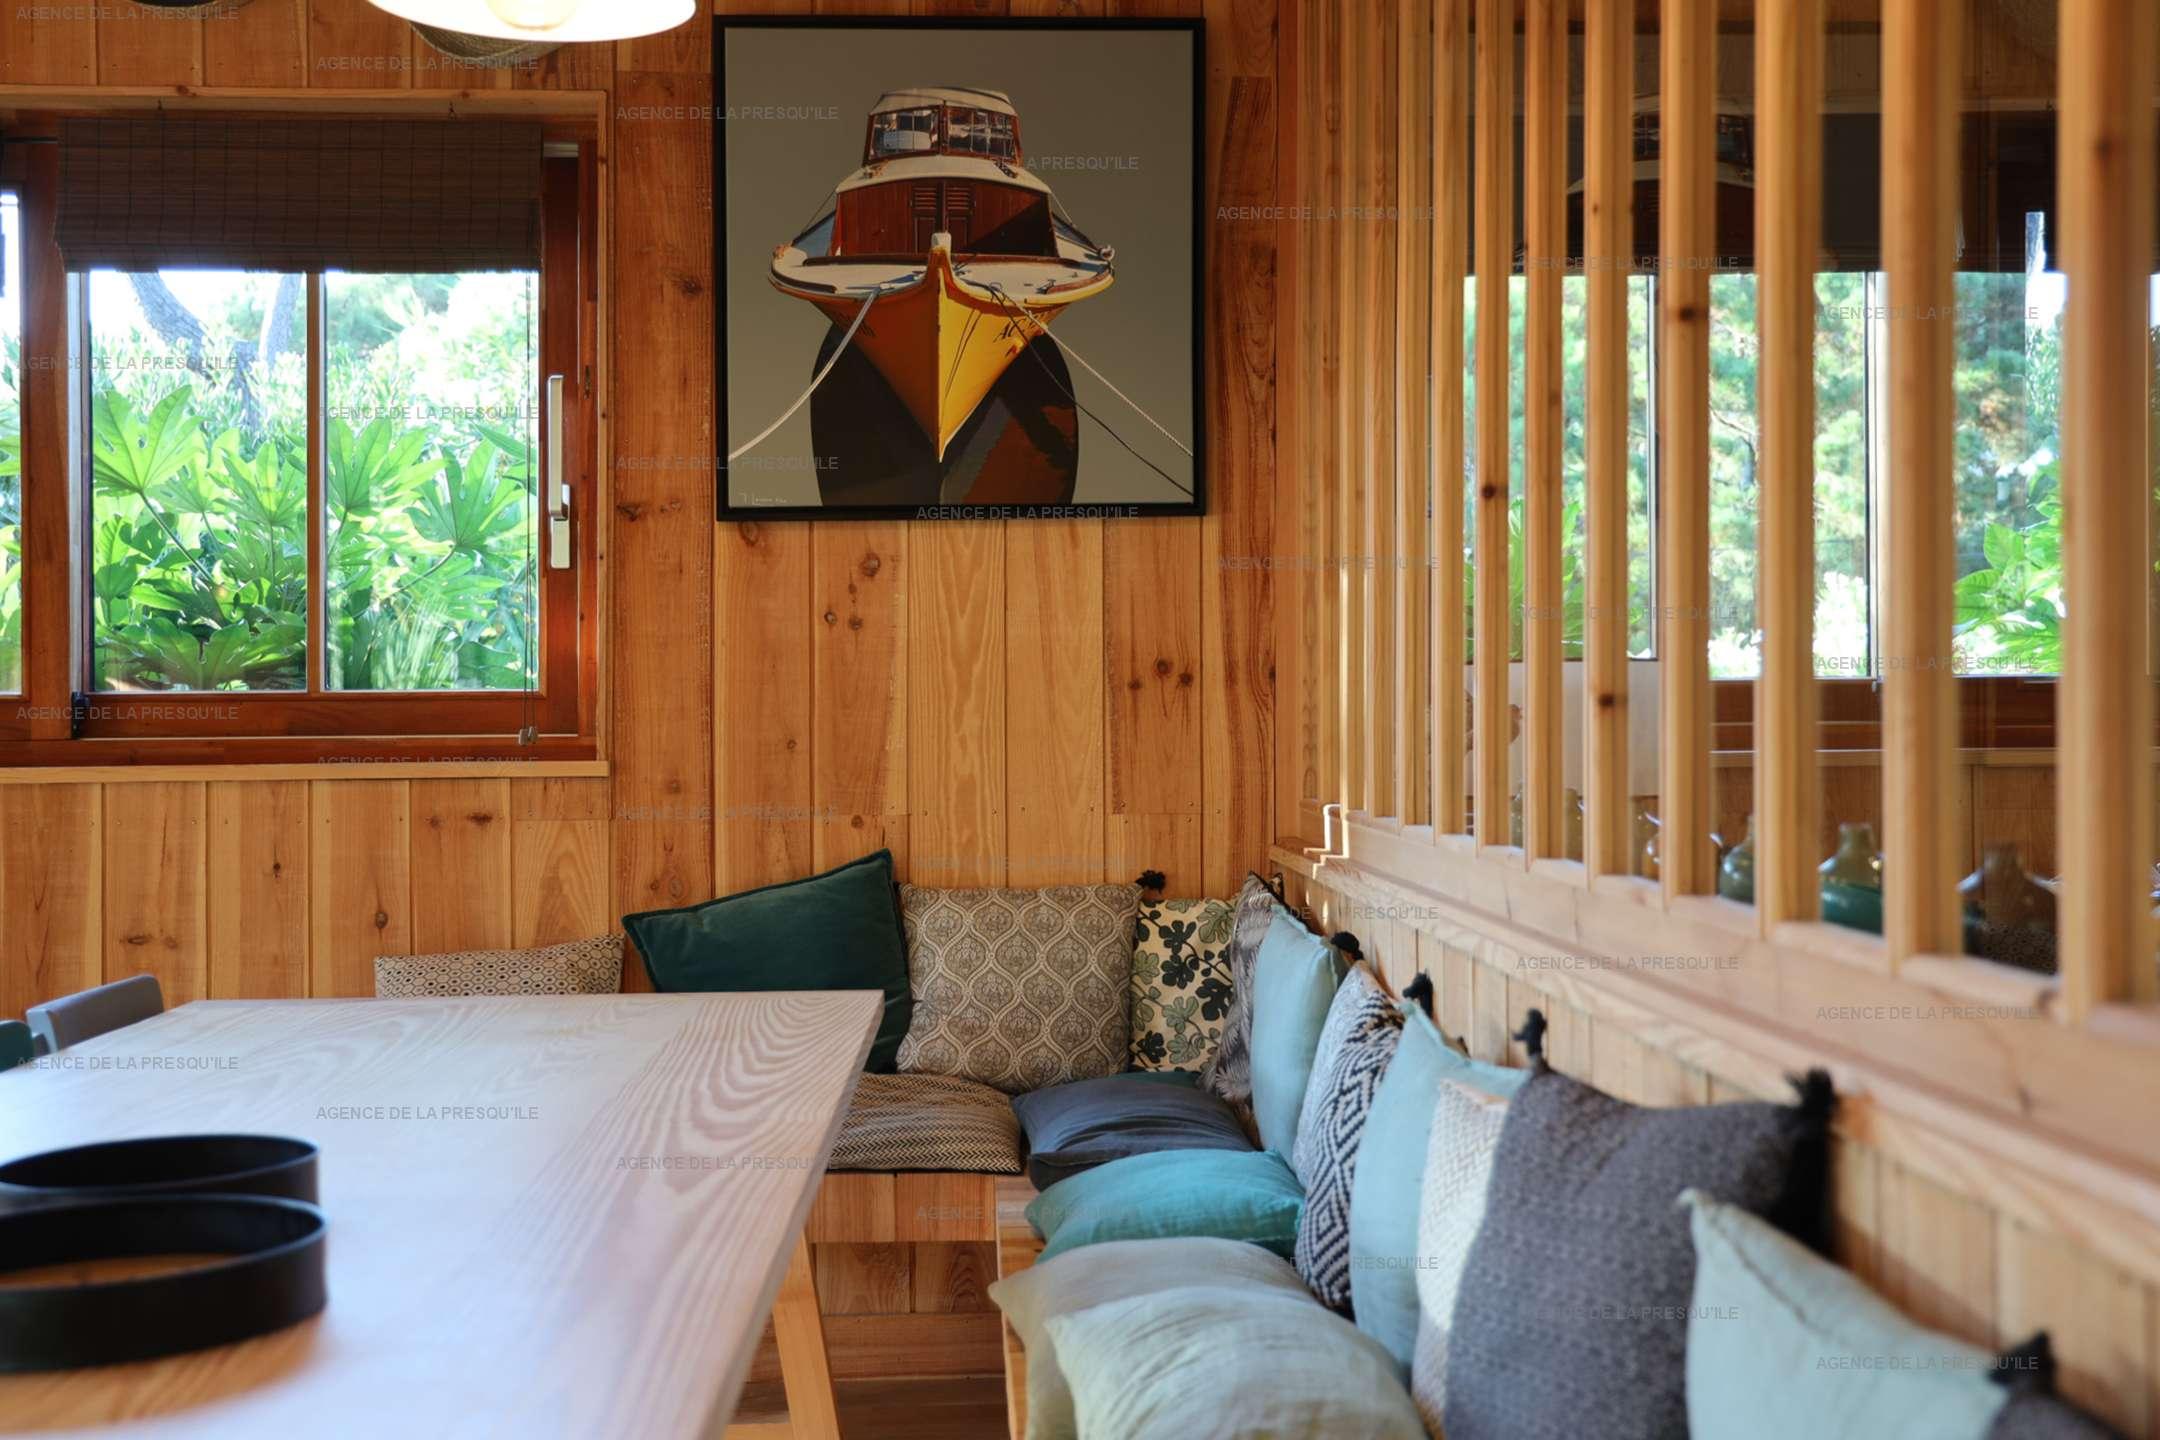 Location: Séduisante villa en bois neuve avec piscine 8